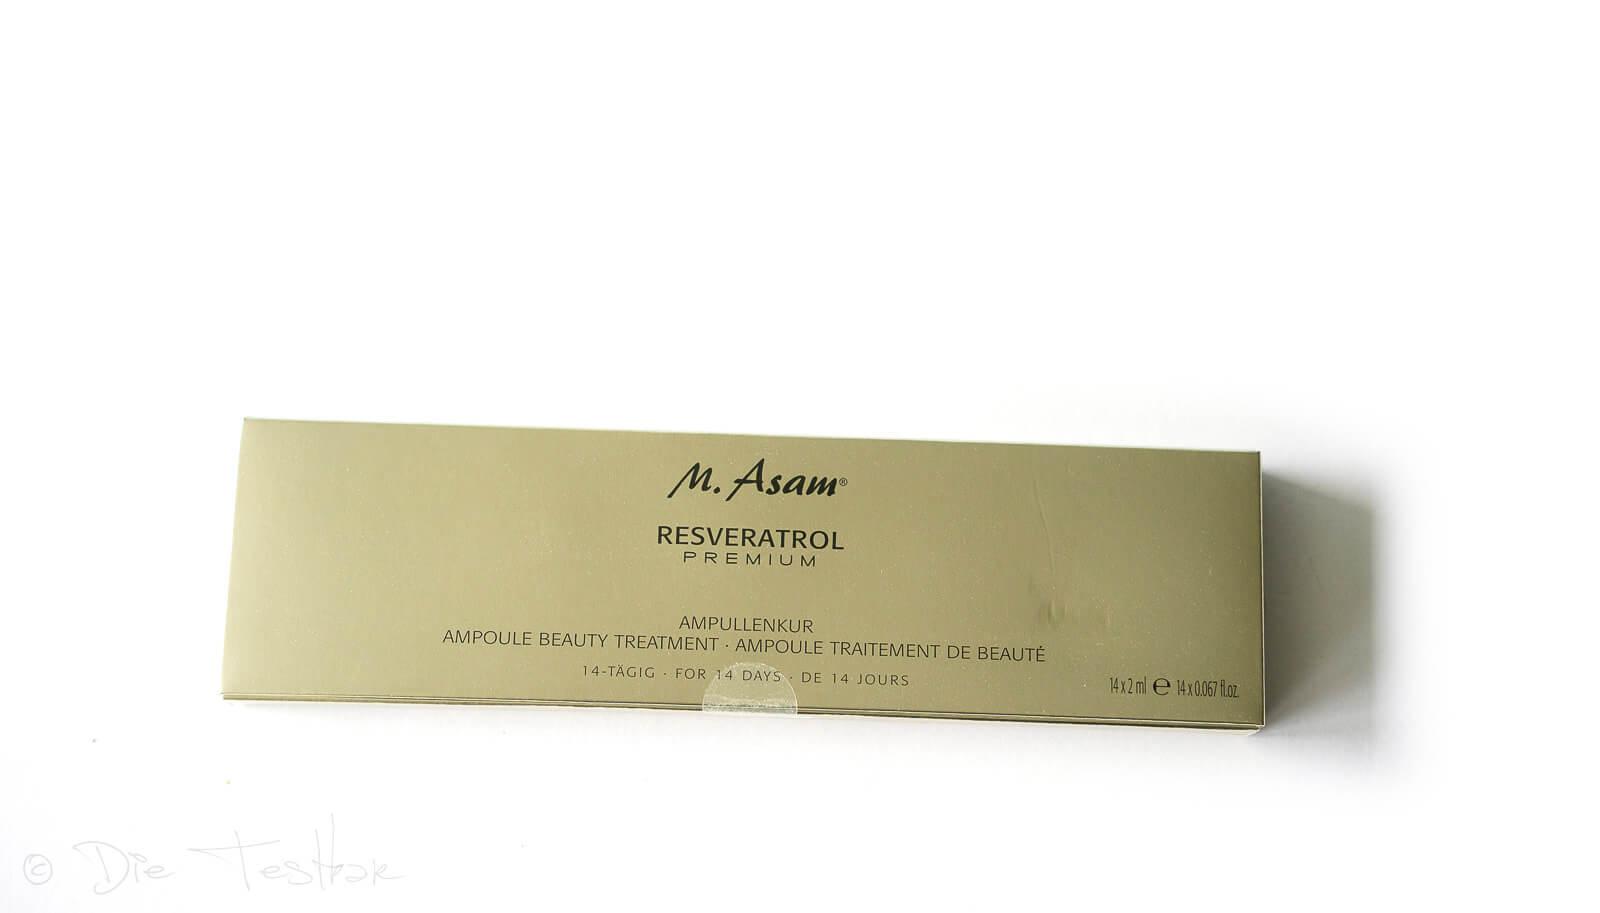 M. Asam - Resveratrol Premium Ampullenkur